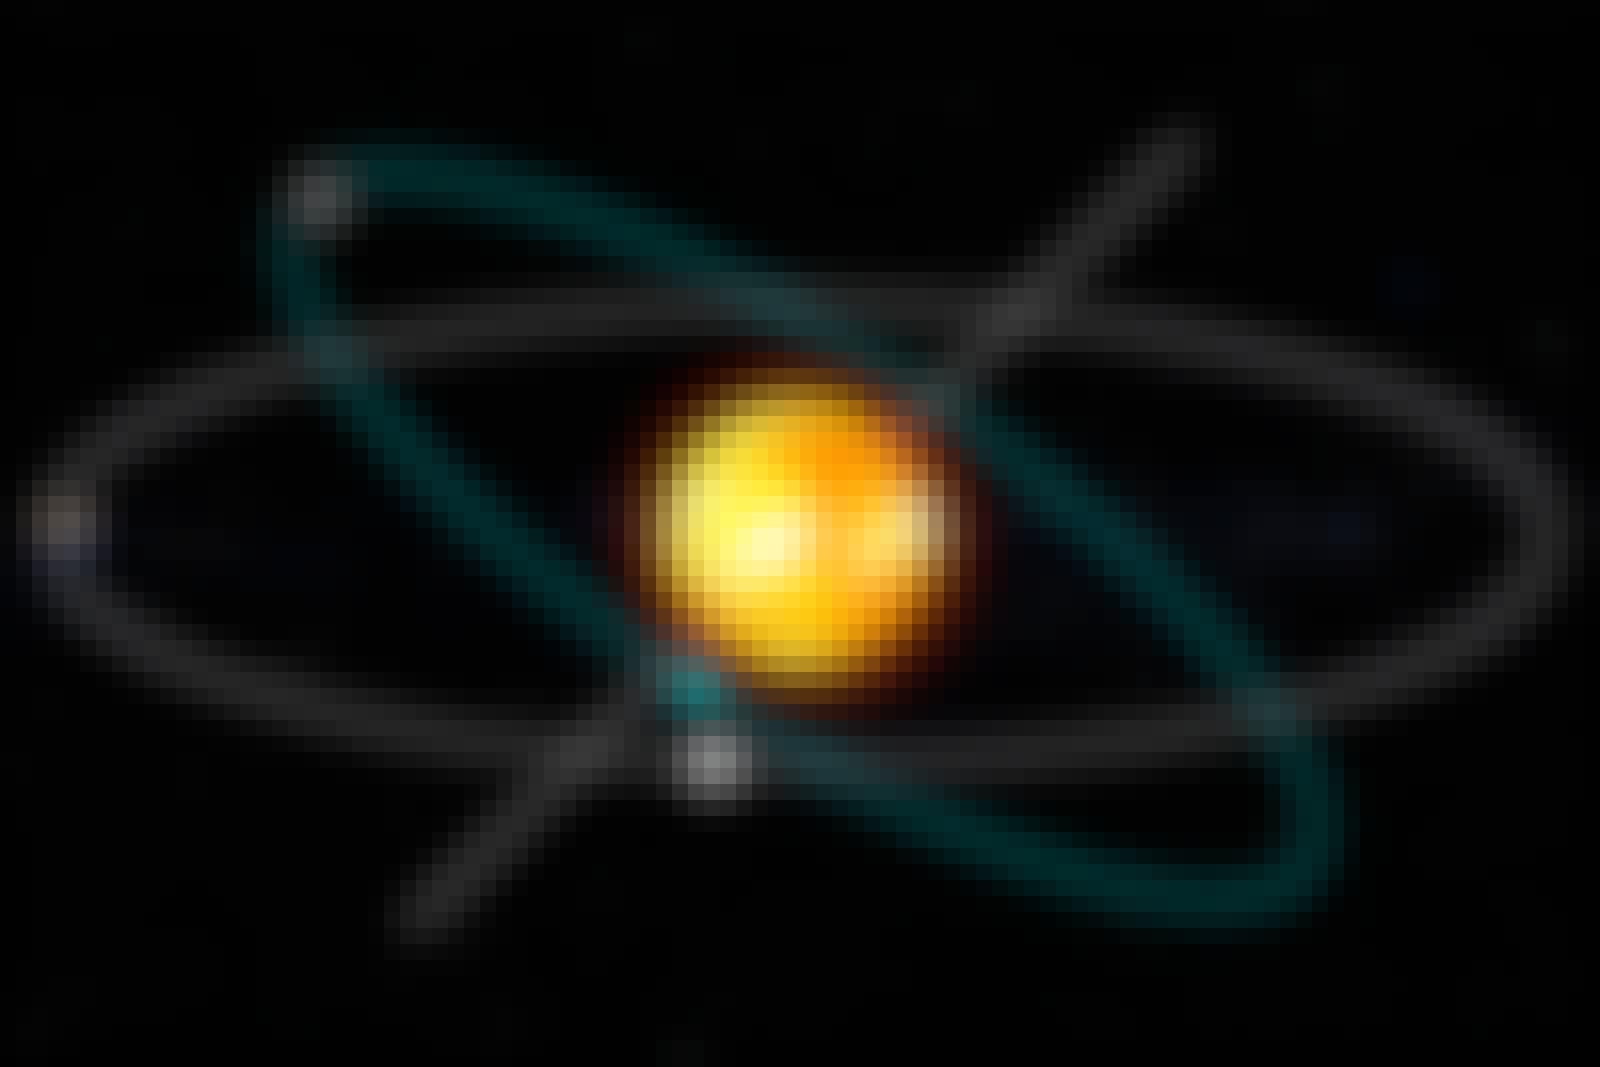 Merkurs og Jordens bane mødes på knudelinjen.